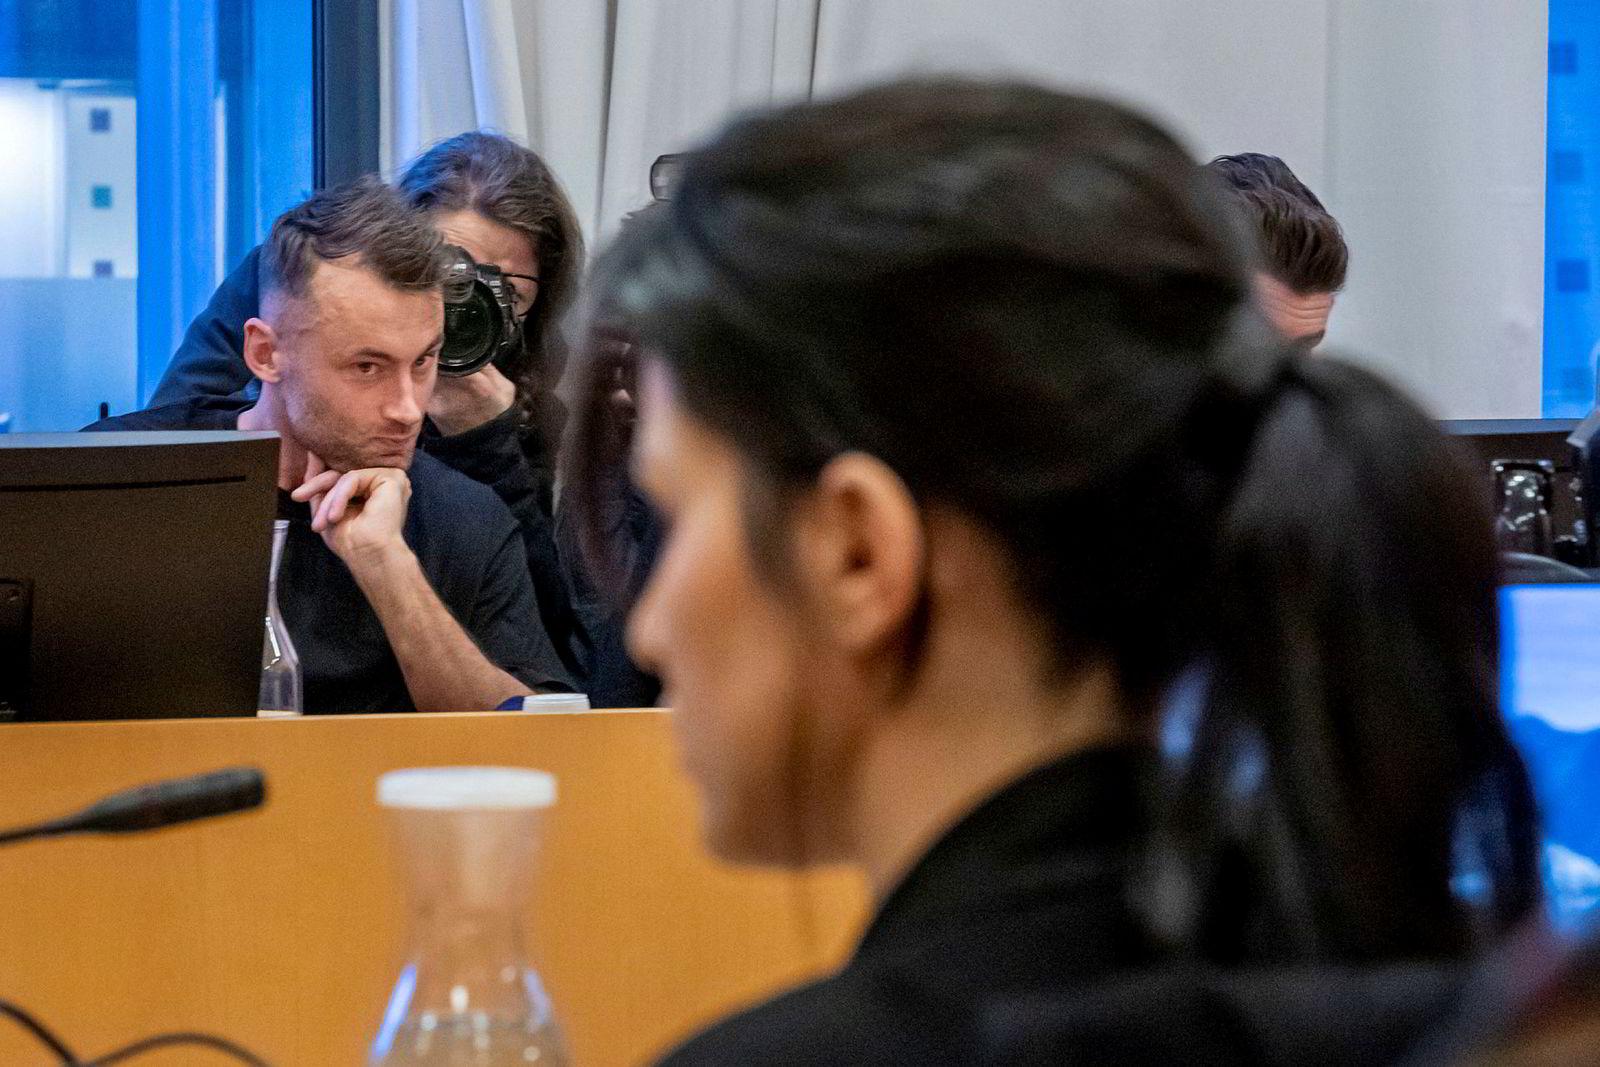 Petter Northug, representert ved advokat Halvard Helle, mener på sin side at hensynet til ytrings‐ og informasjonsfriheten i denne saken må veie tyngre enn hensynet til privatlivets fred